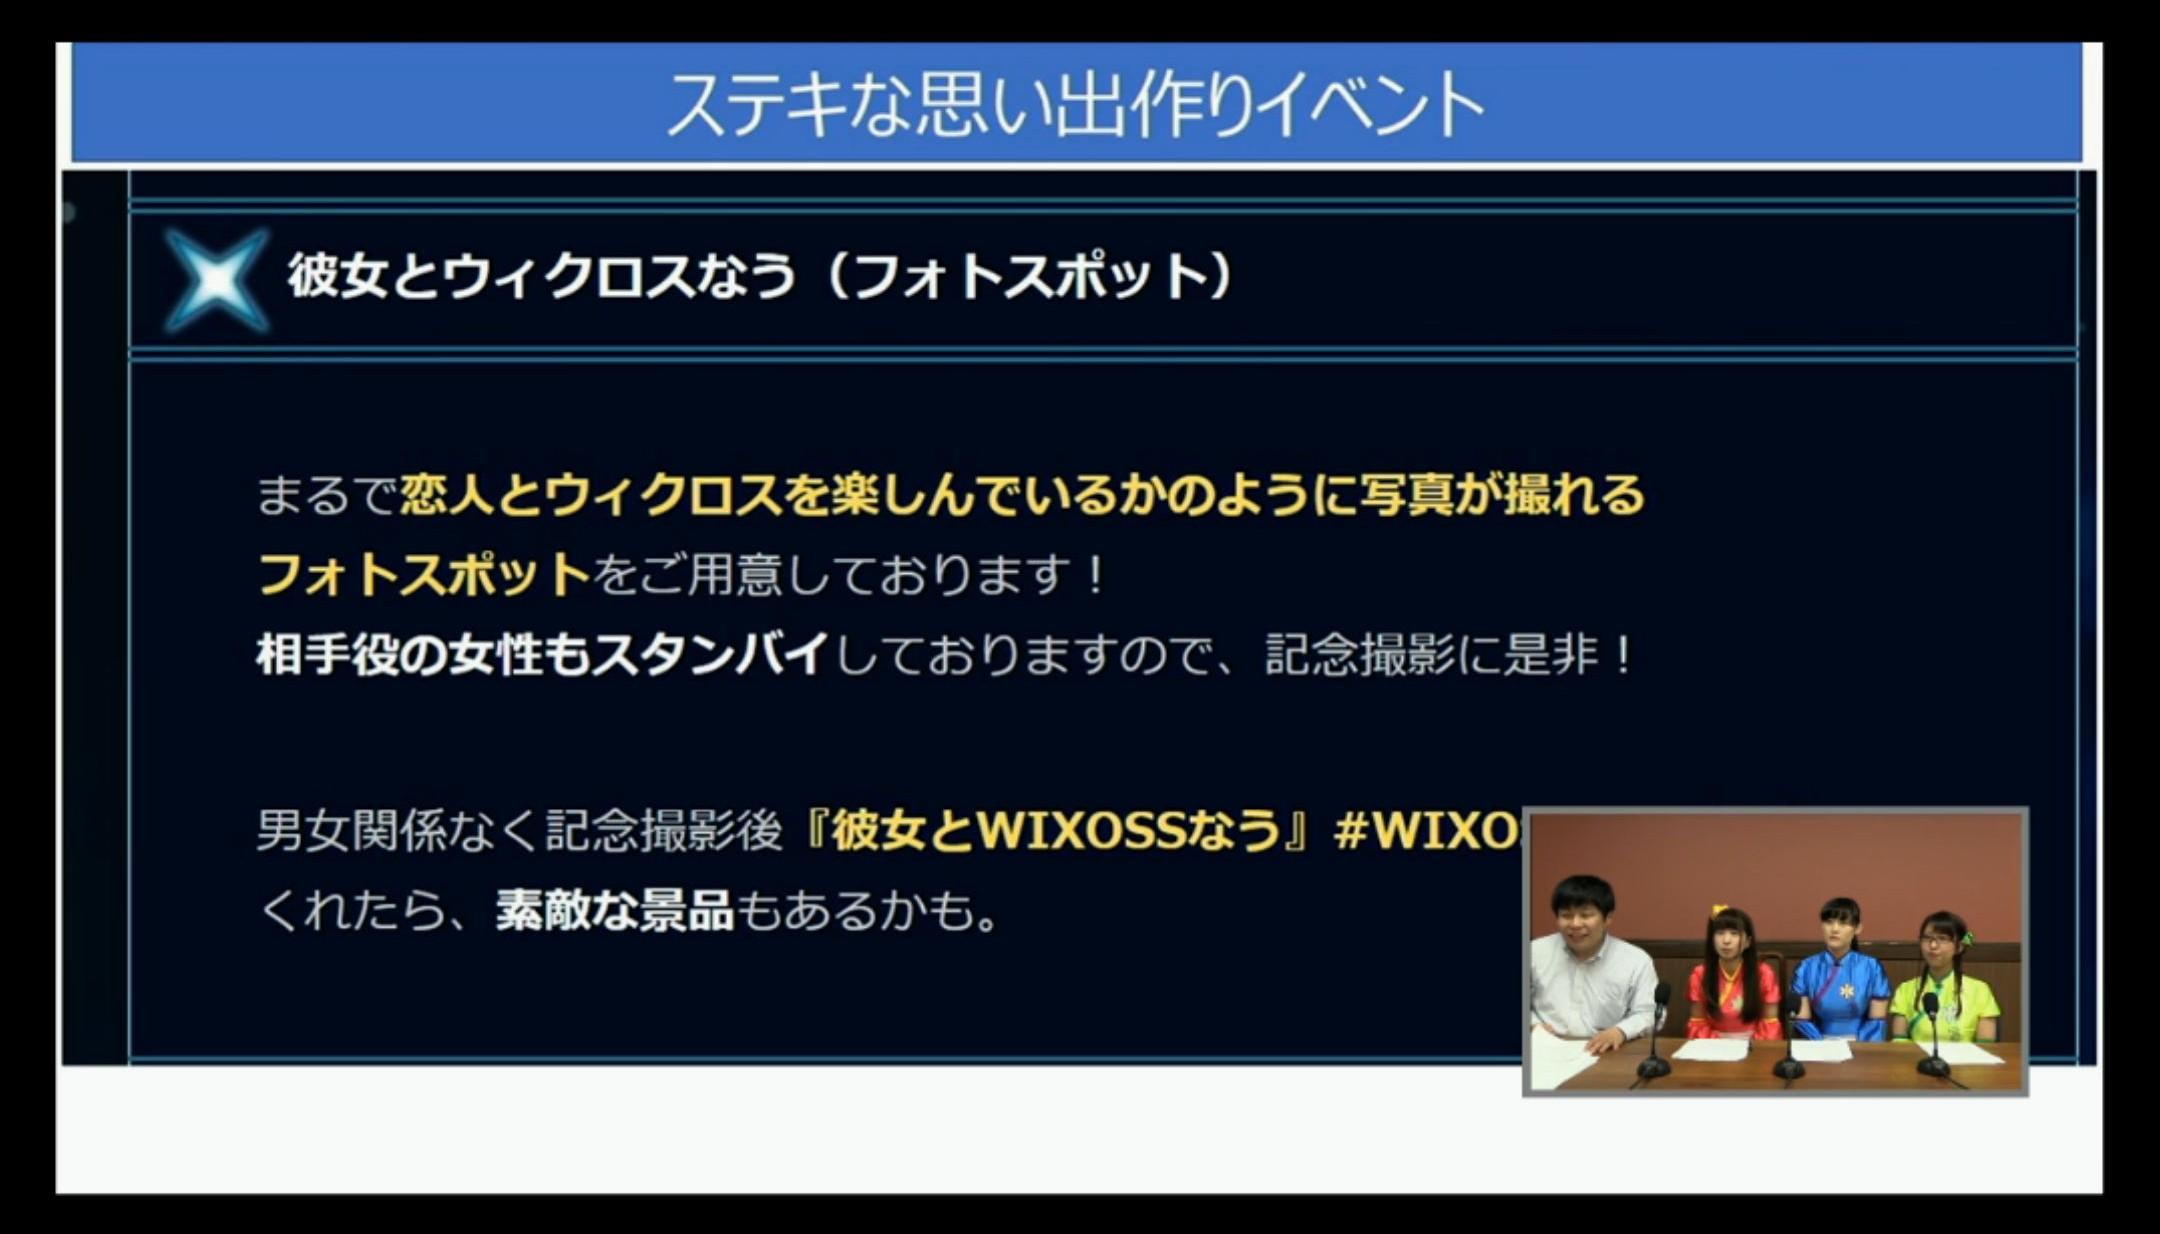 wx-live-170724-006.jpg